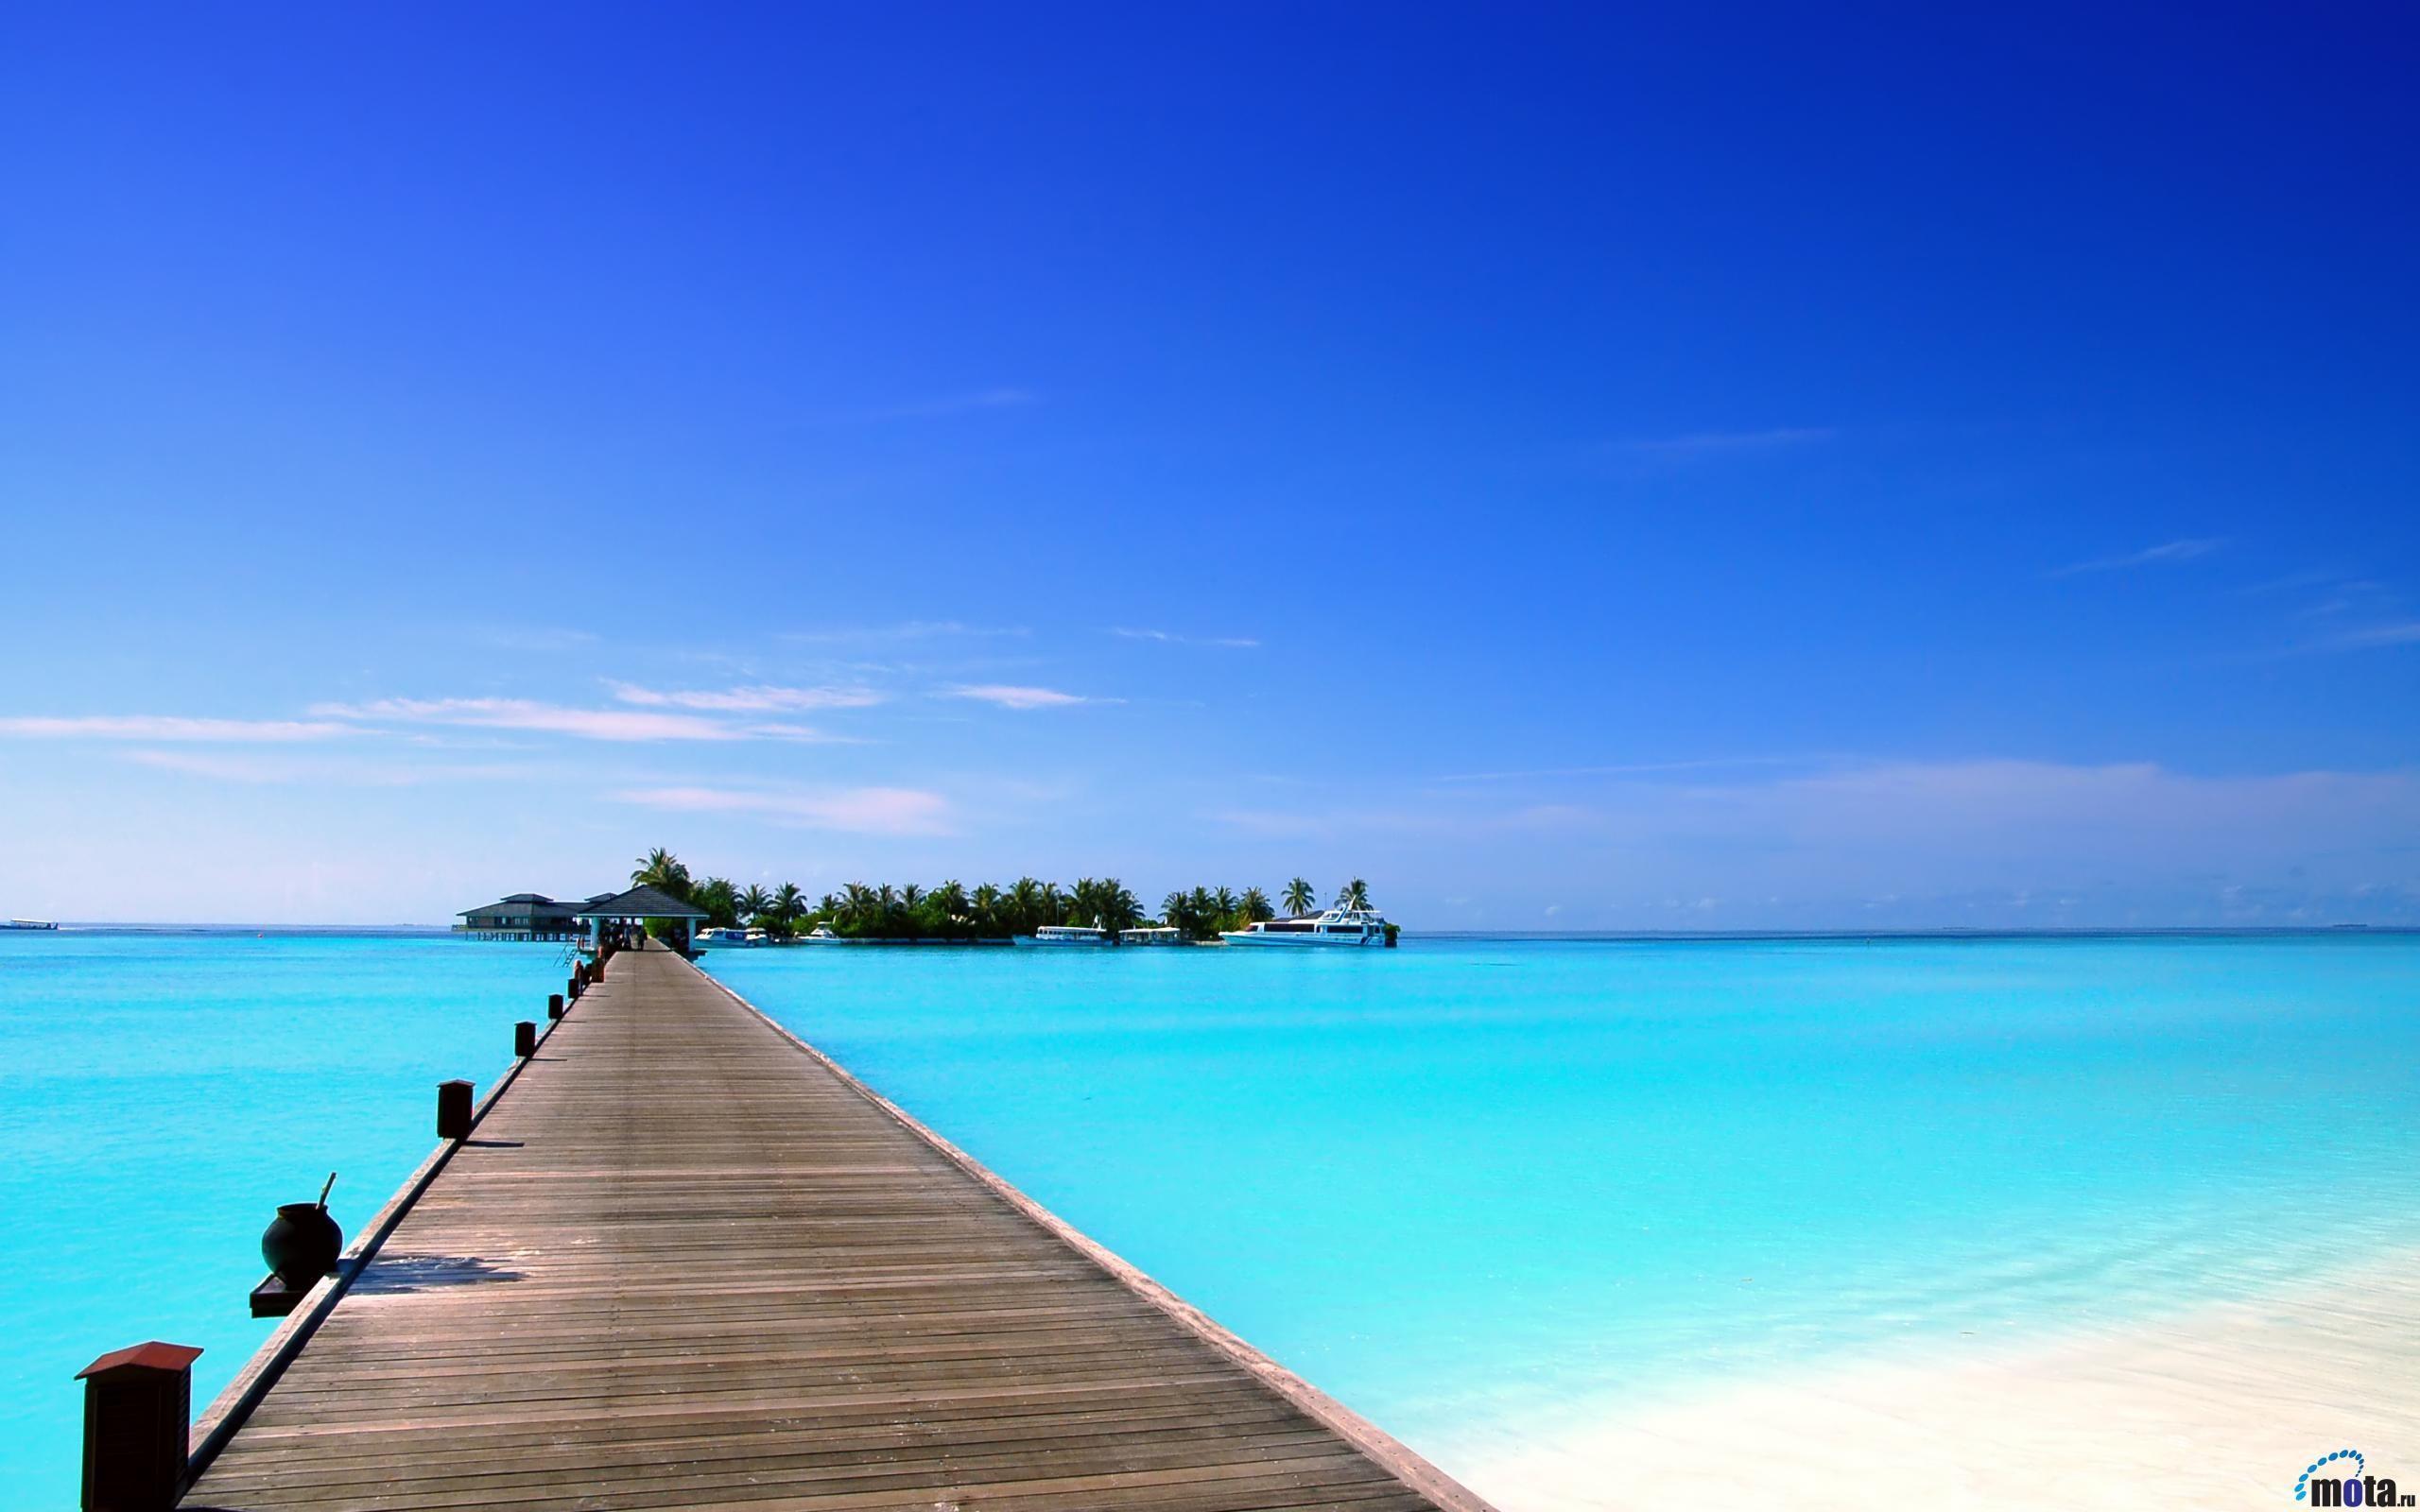 Hình nền quần đảo Maldive miễn phí 2560x1600